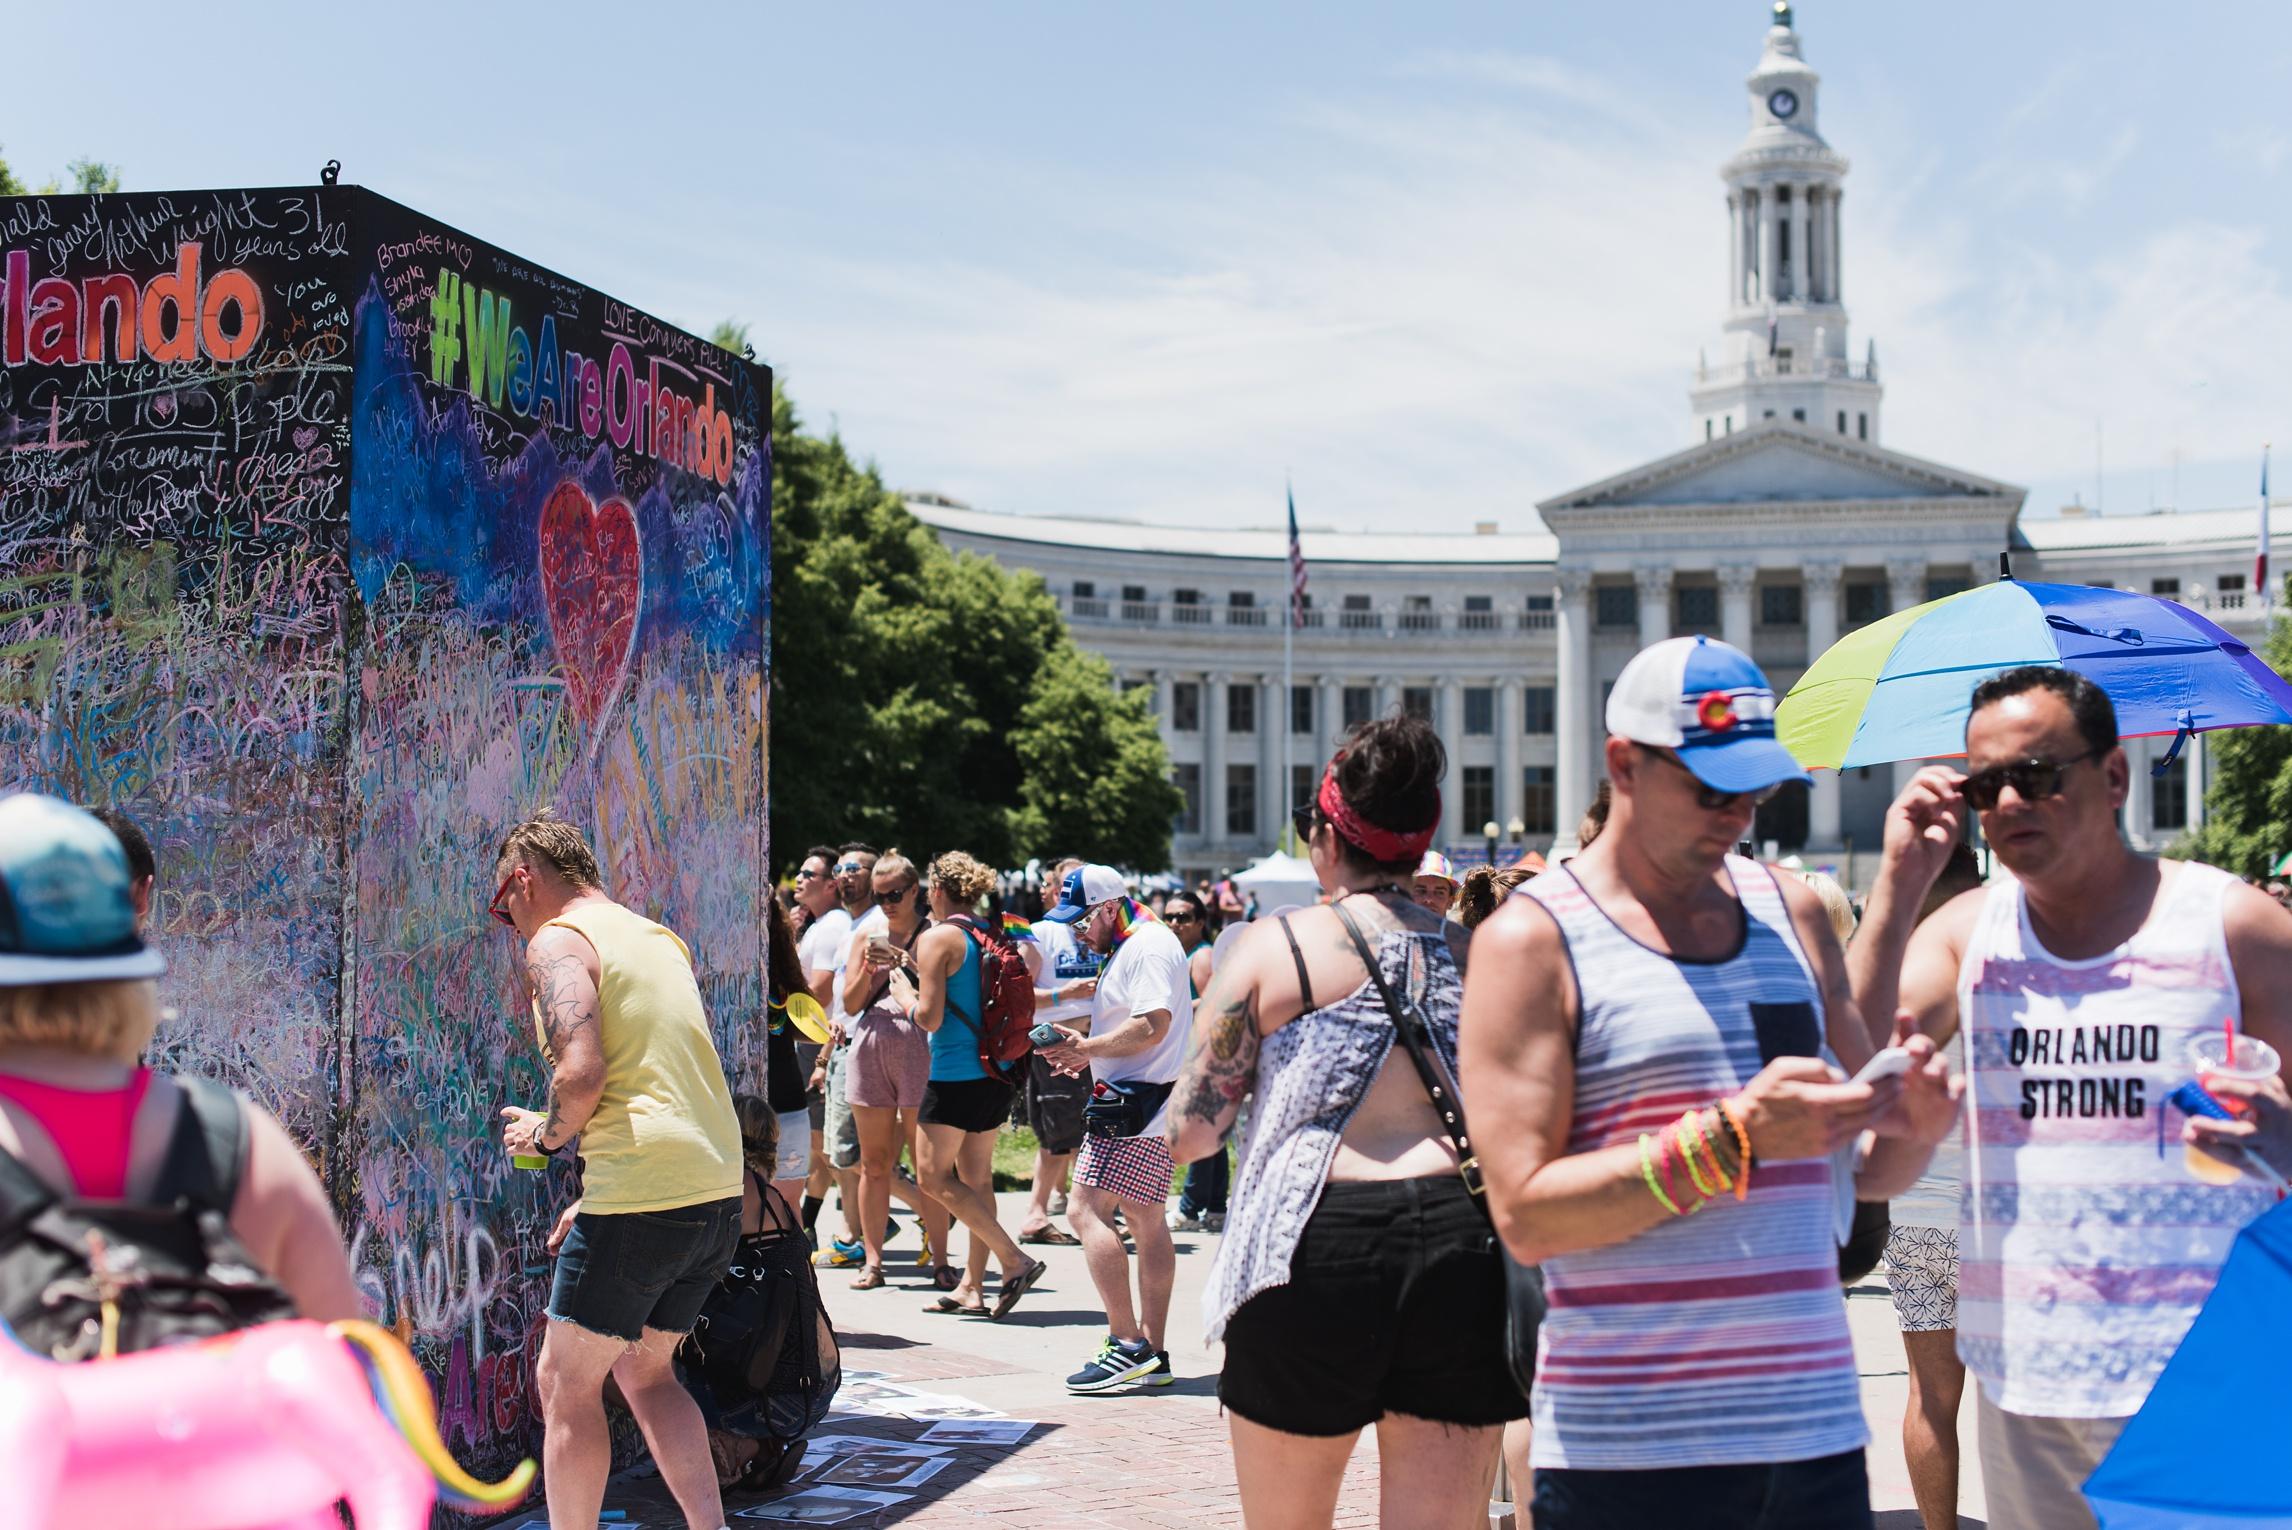 Pride in Denver, Colorado. Photography by Sonja Salzburg of Sonja K Photography.